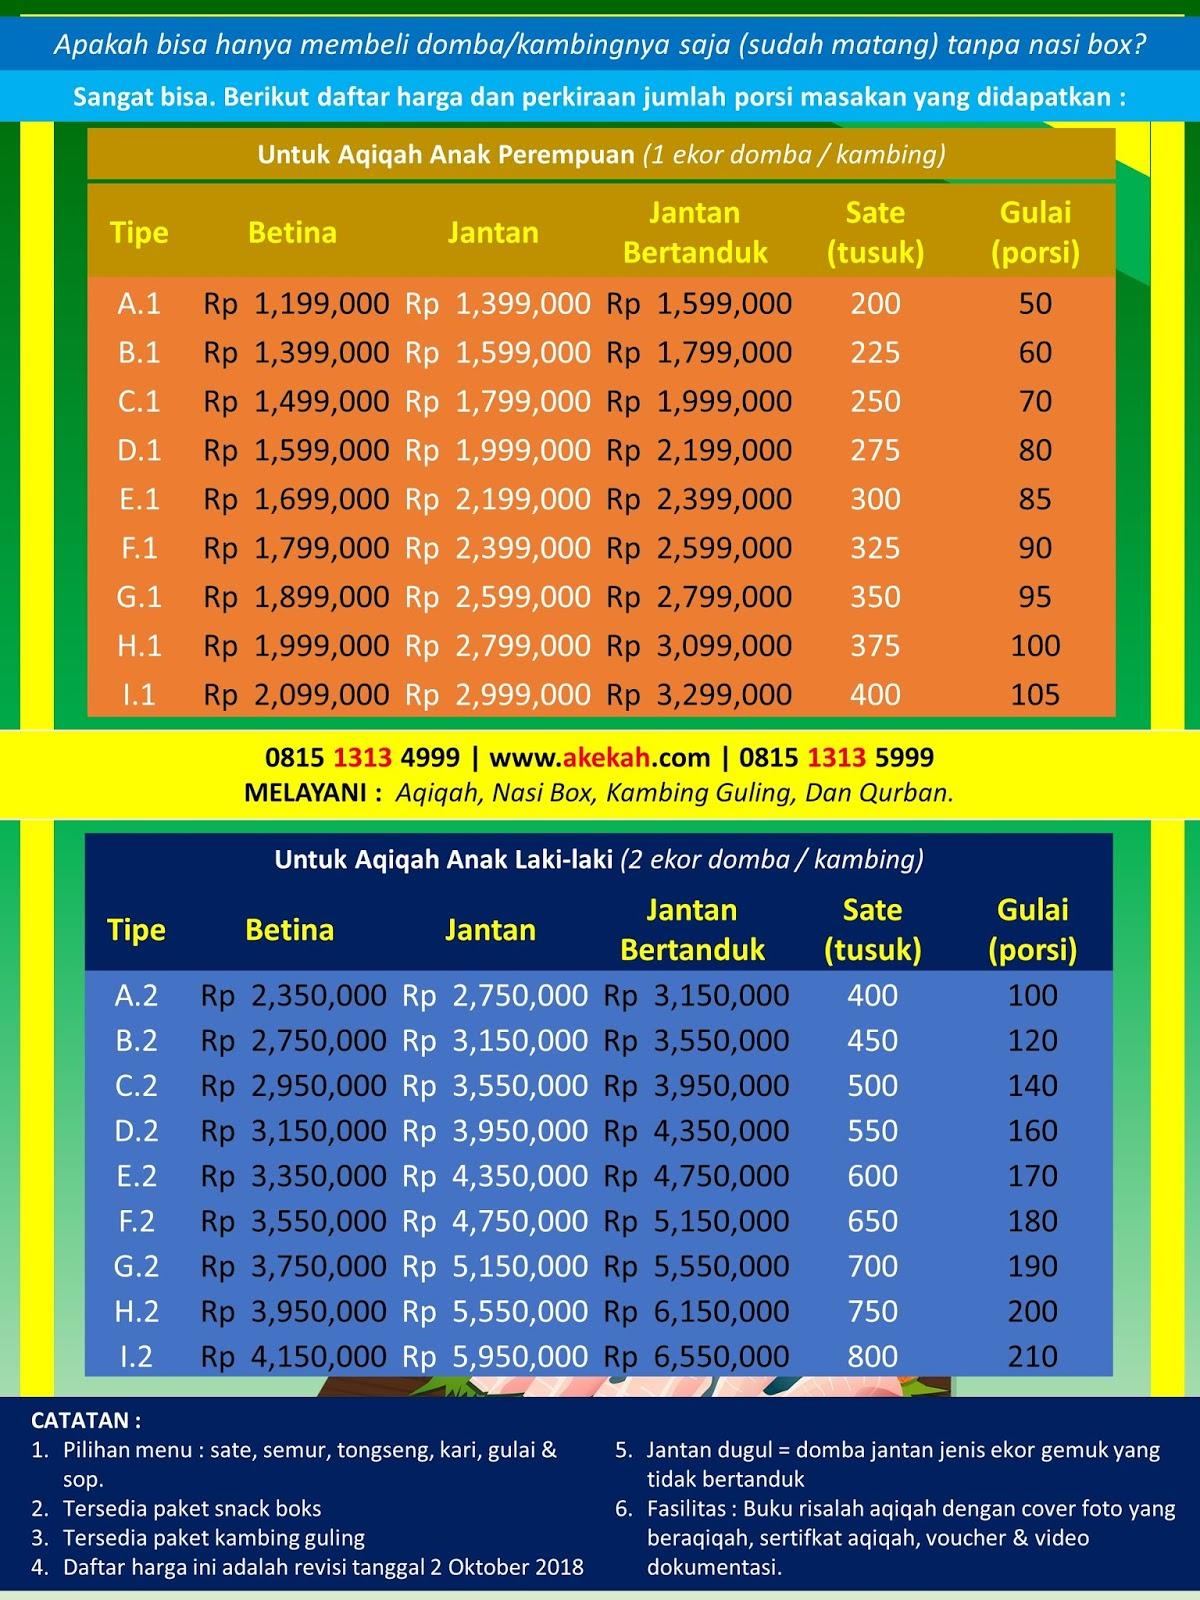 Layanan Akikah Plus Untuk Laki-Laki Wilayah Kecamatan Ciomas Kabupaten Bogor Jawa Barat